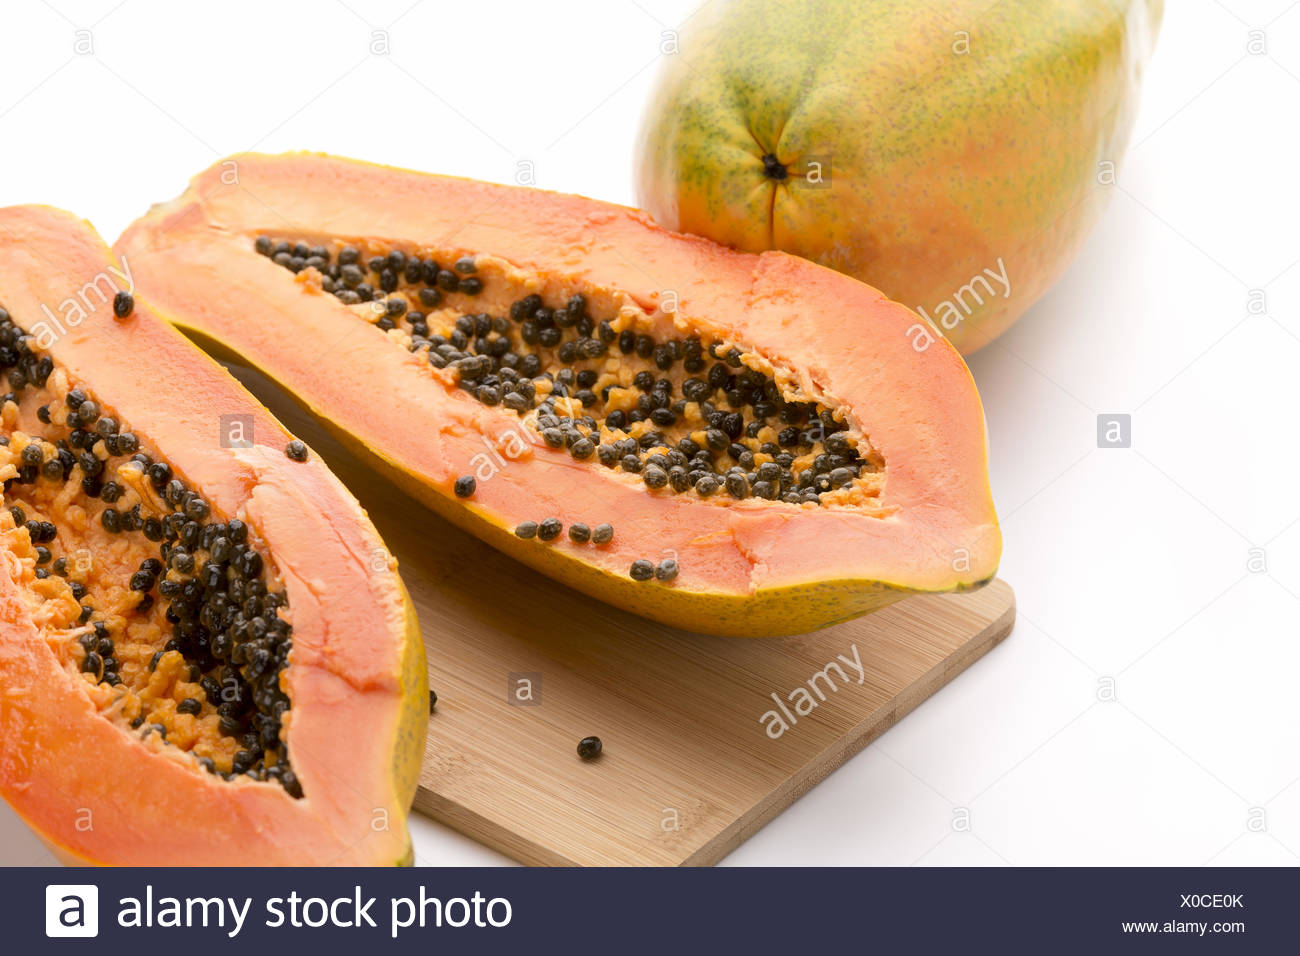 Papaya Halved With A Longitudinal Cut - Stock Image